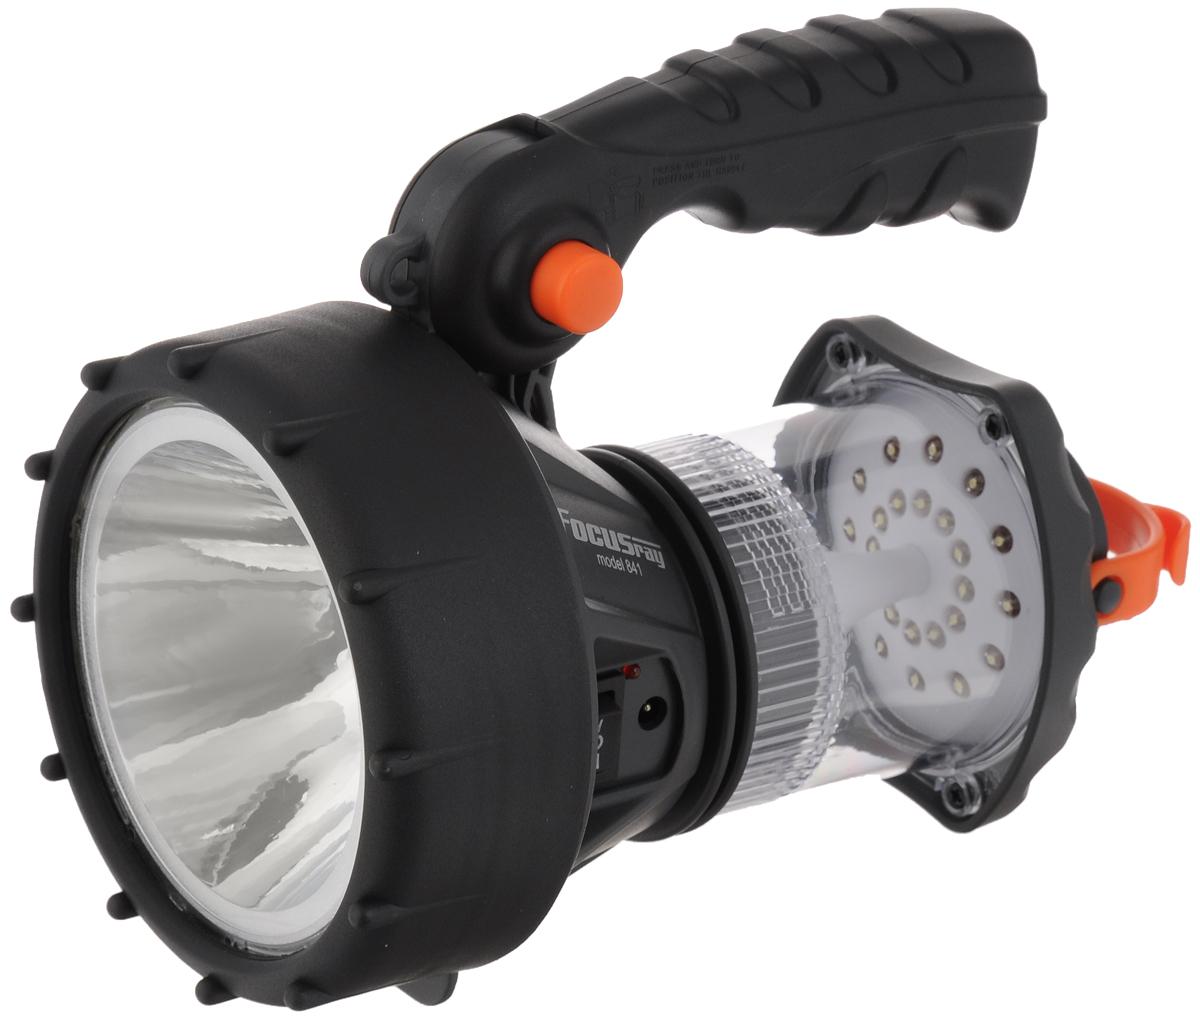 Фонарь кемпинговый Focusray, цвет: черный, серый, оранжевый. FR-841Фонарь Focusray FR-841Фонарь Focusray создан для спорта и активного отдыха. Изделие может работать в двух режимах: прожектор и кемпинг. Источником света являются яркие и экономичные светодиоды нового поколения. Фонарь оснащен удобной подвижной рукояткой. Источники света: светодиод 1 Вт для прожектора и 24 обычных светодиода для кемпингового фонаря. Срок службы светодиодов: не менее 100000 часов. Световой поток в обоих режимах: 90 Лм. Время работы в режиме Прожектор: 4 часа. Время работы в режиме Кемпинг: 3 часа. Время полной зарядки: 6 часов. Подзарядка от сети 220В и от бортовой сети автомобиля. По окончании процесса зарядки загорается светодиодный индикатор. Аккумулятор свинцово-кислотный 4В 700 мАч. Дальность освещения: 100 м.